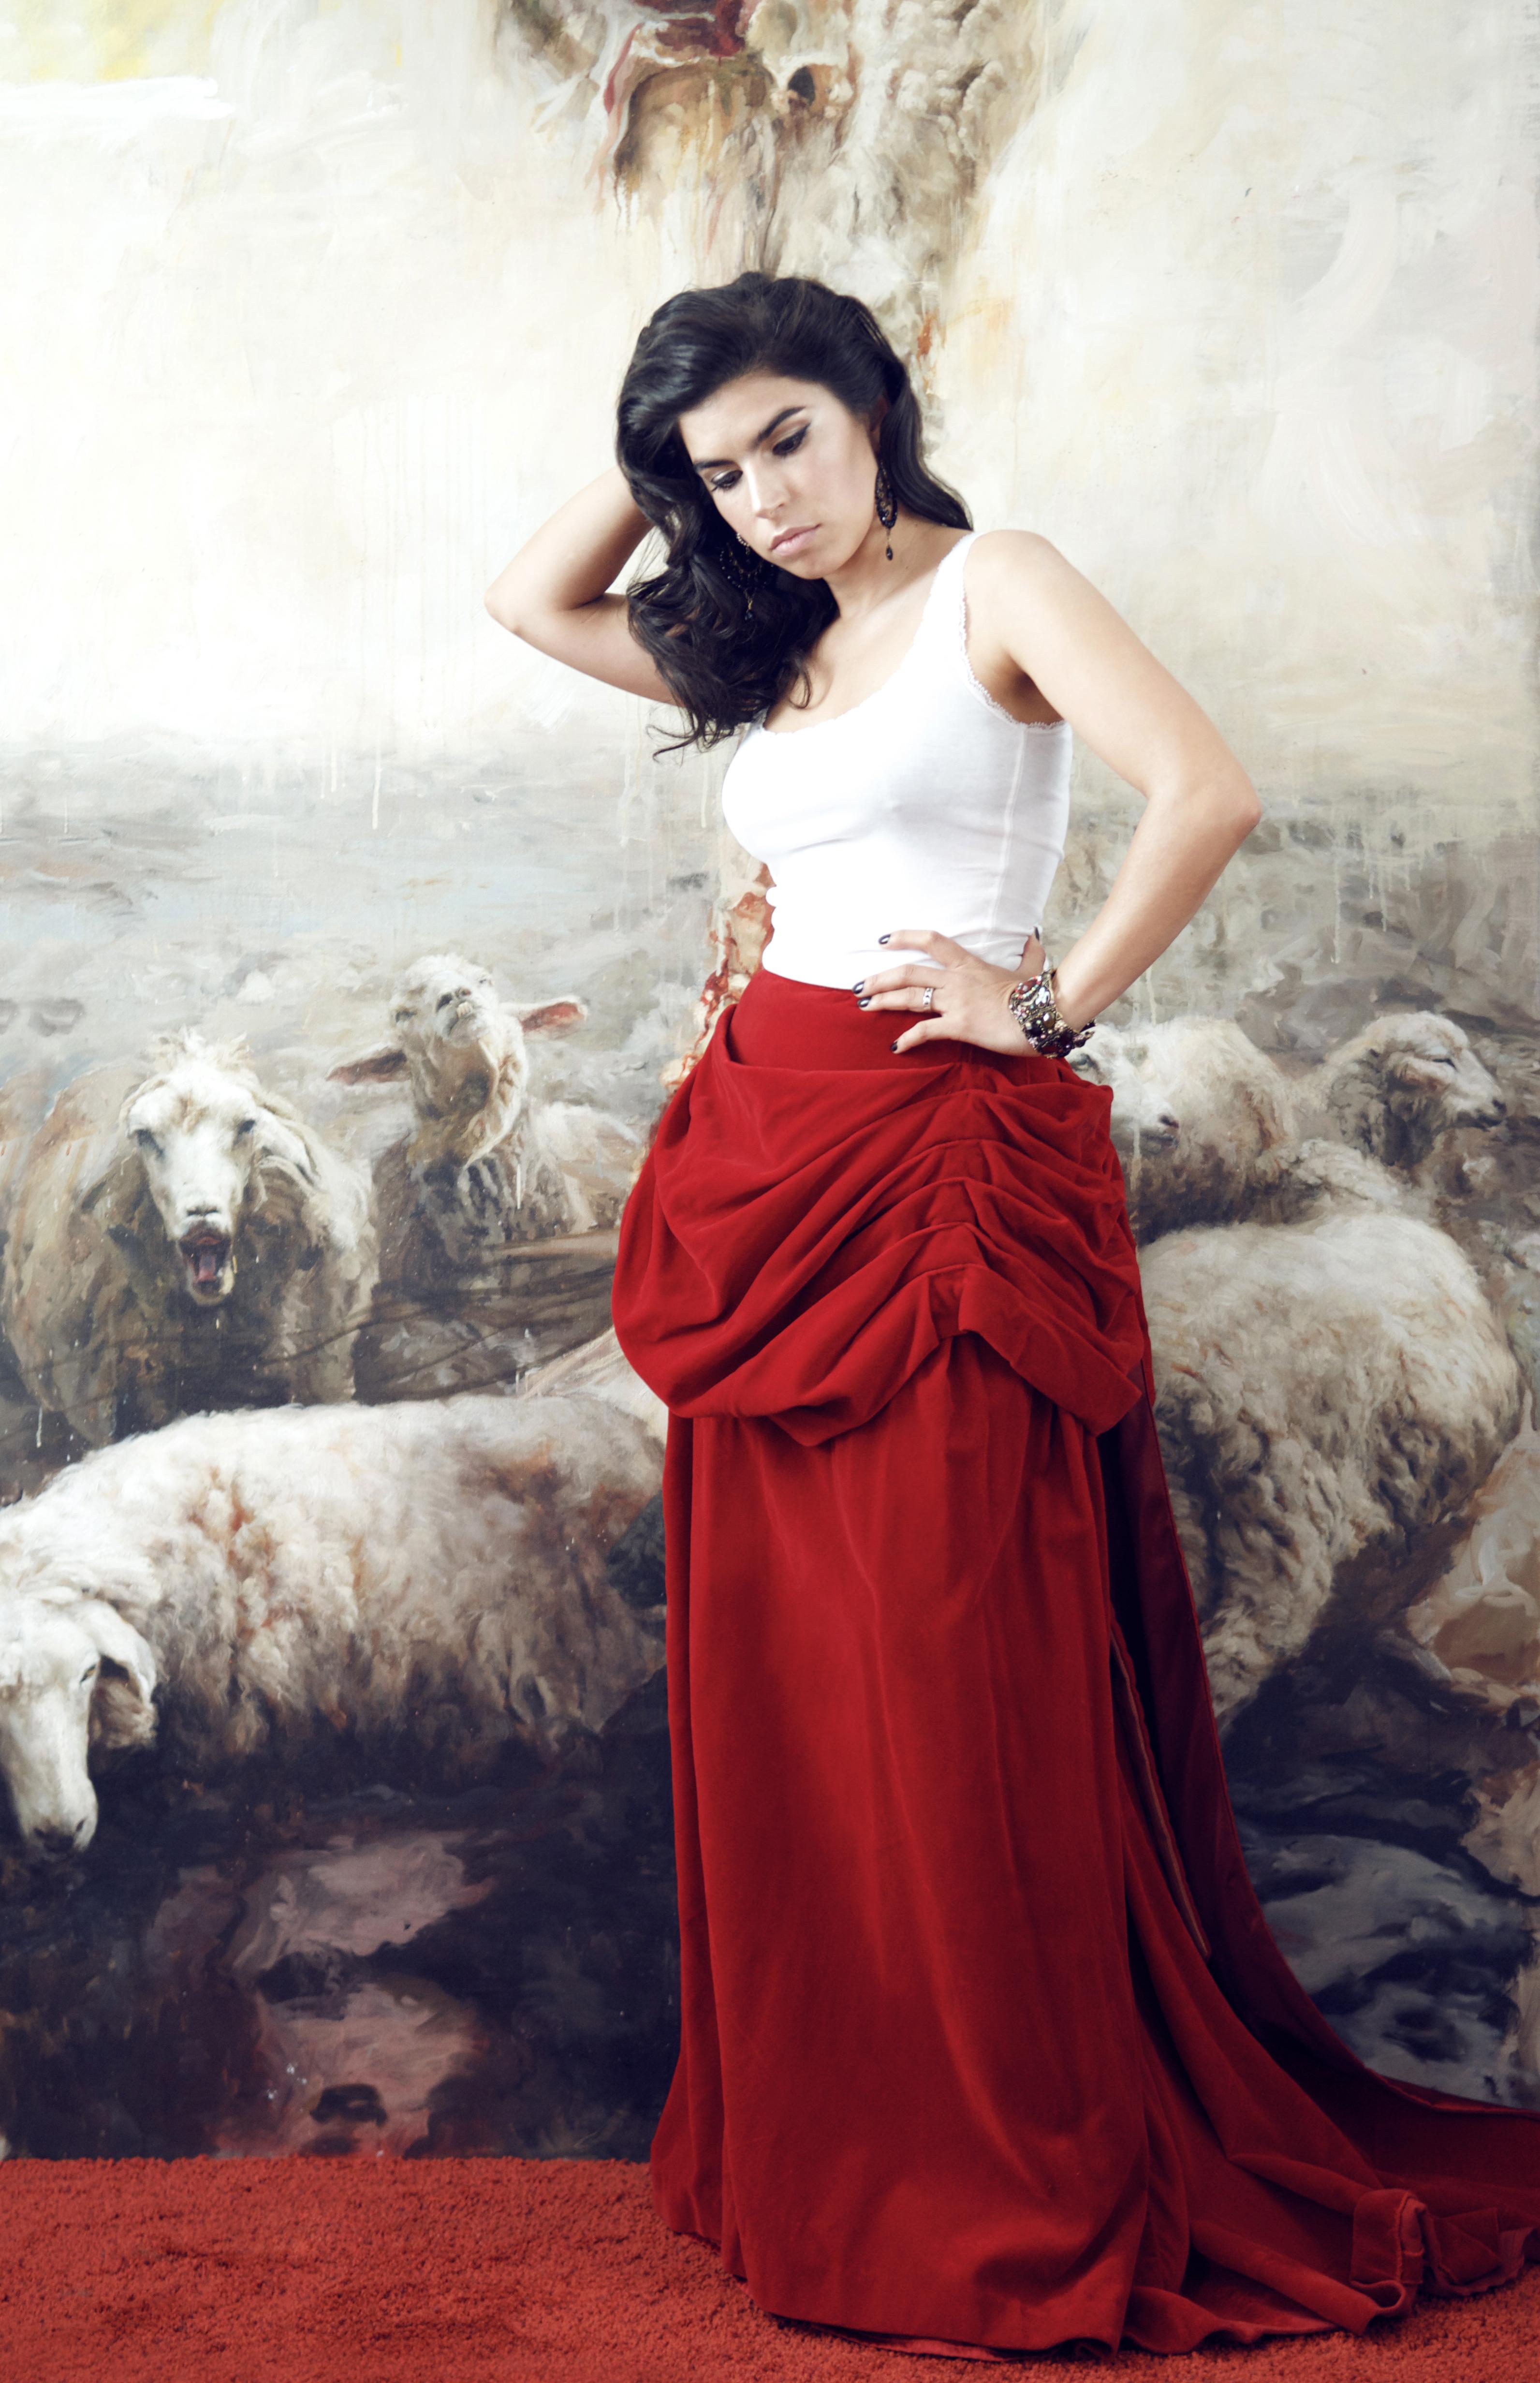 Hablando de estética con Esperanza Restucci, soprano y compositora chilena